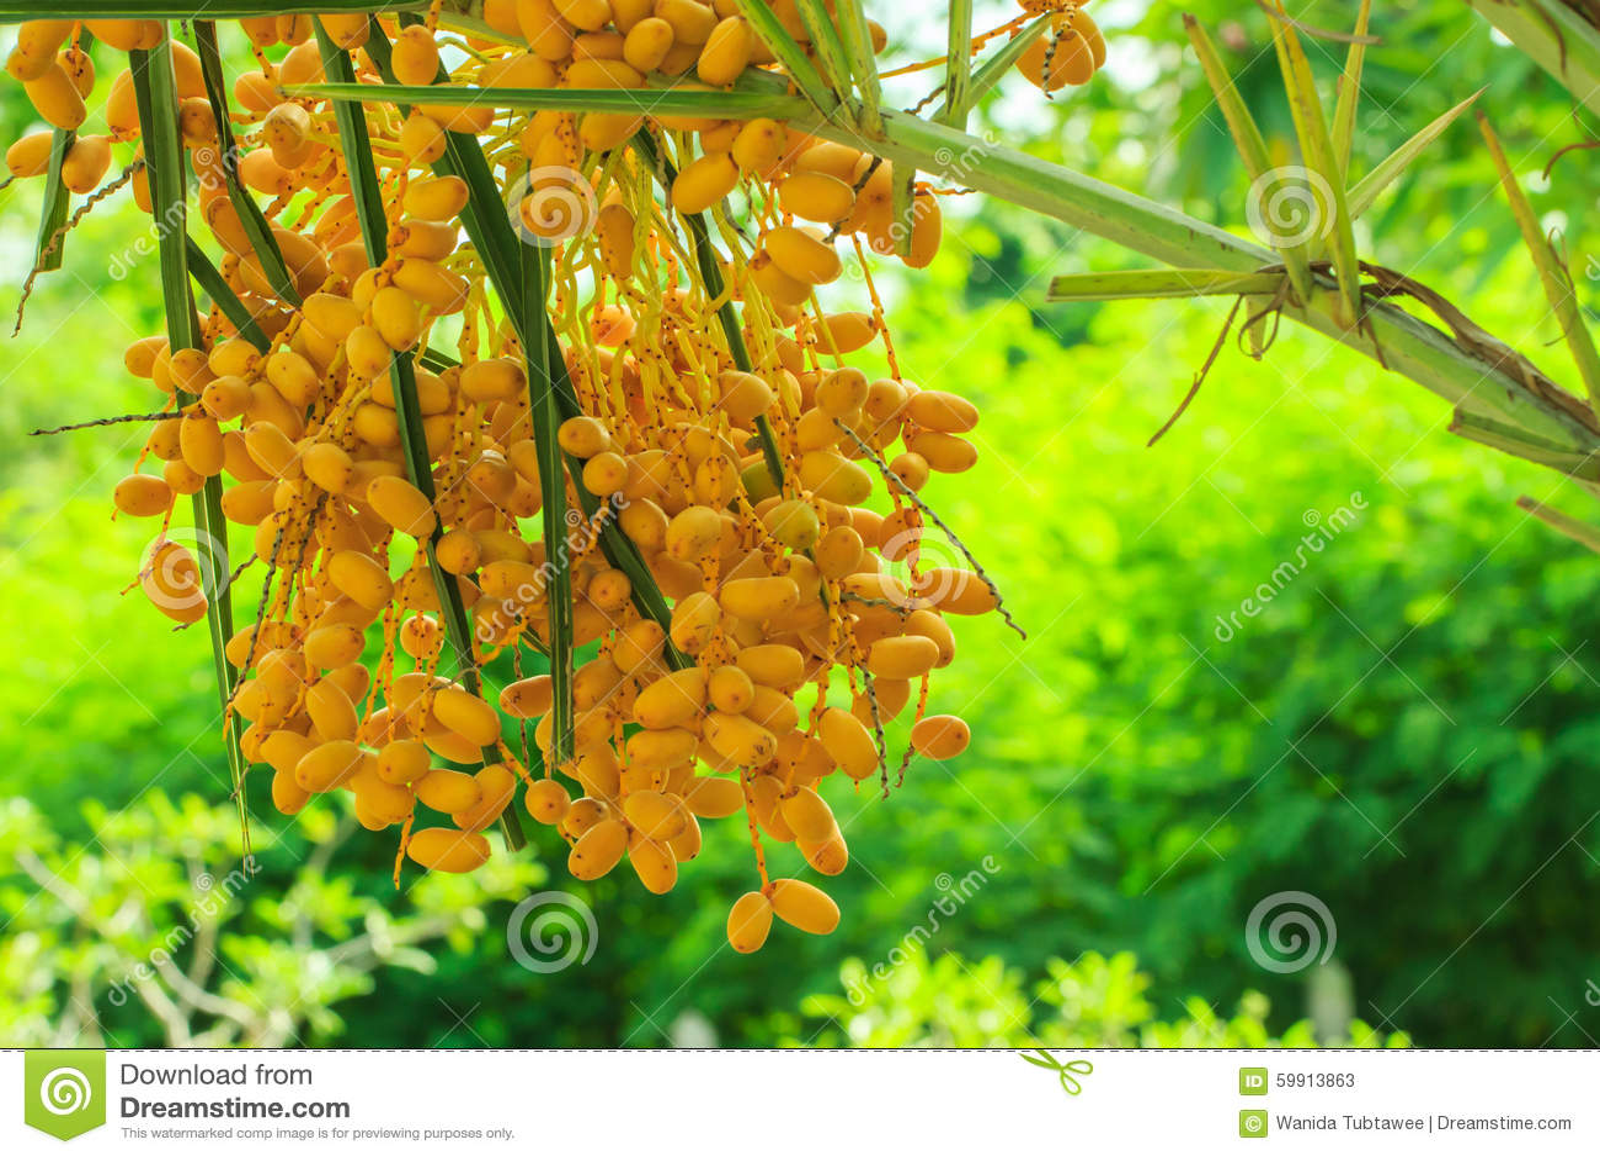 Palmier Dattier Paume Fleur Usine Image Stock Image Du Brun